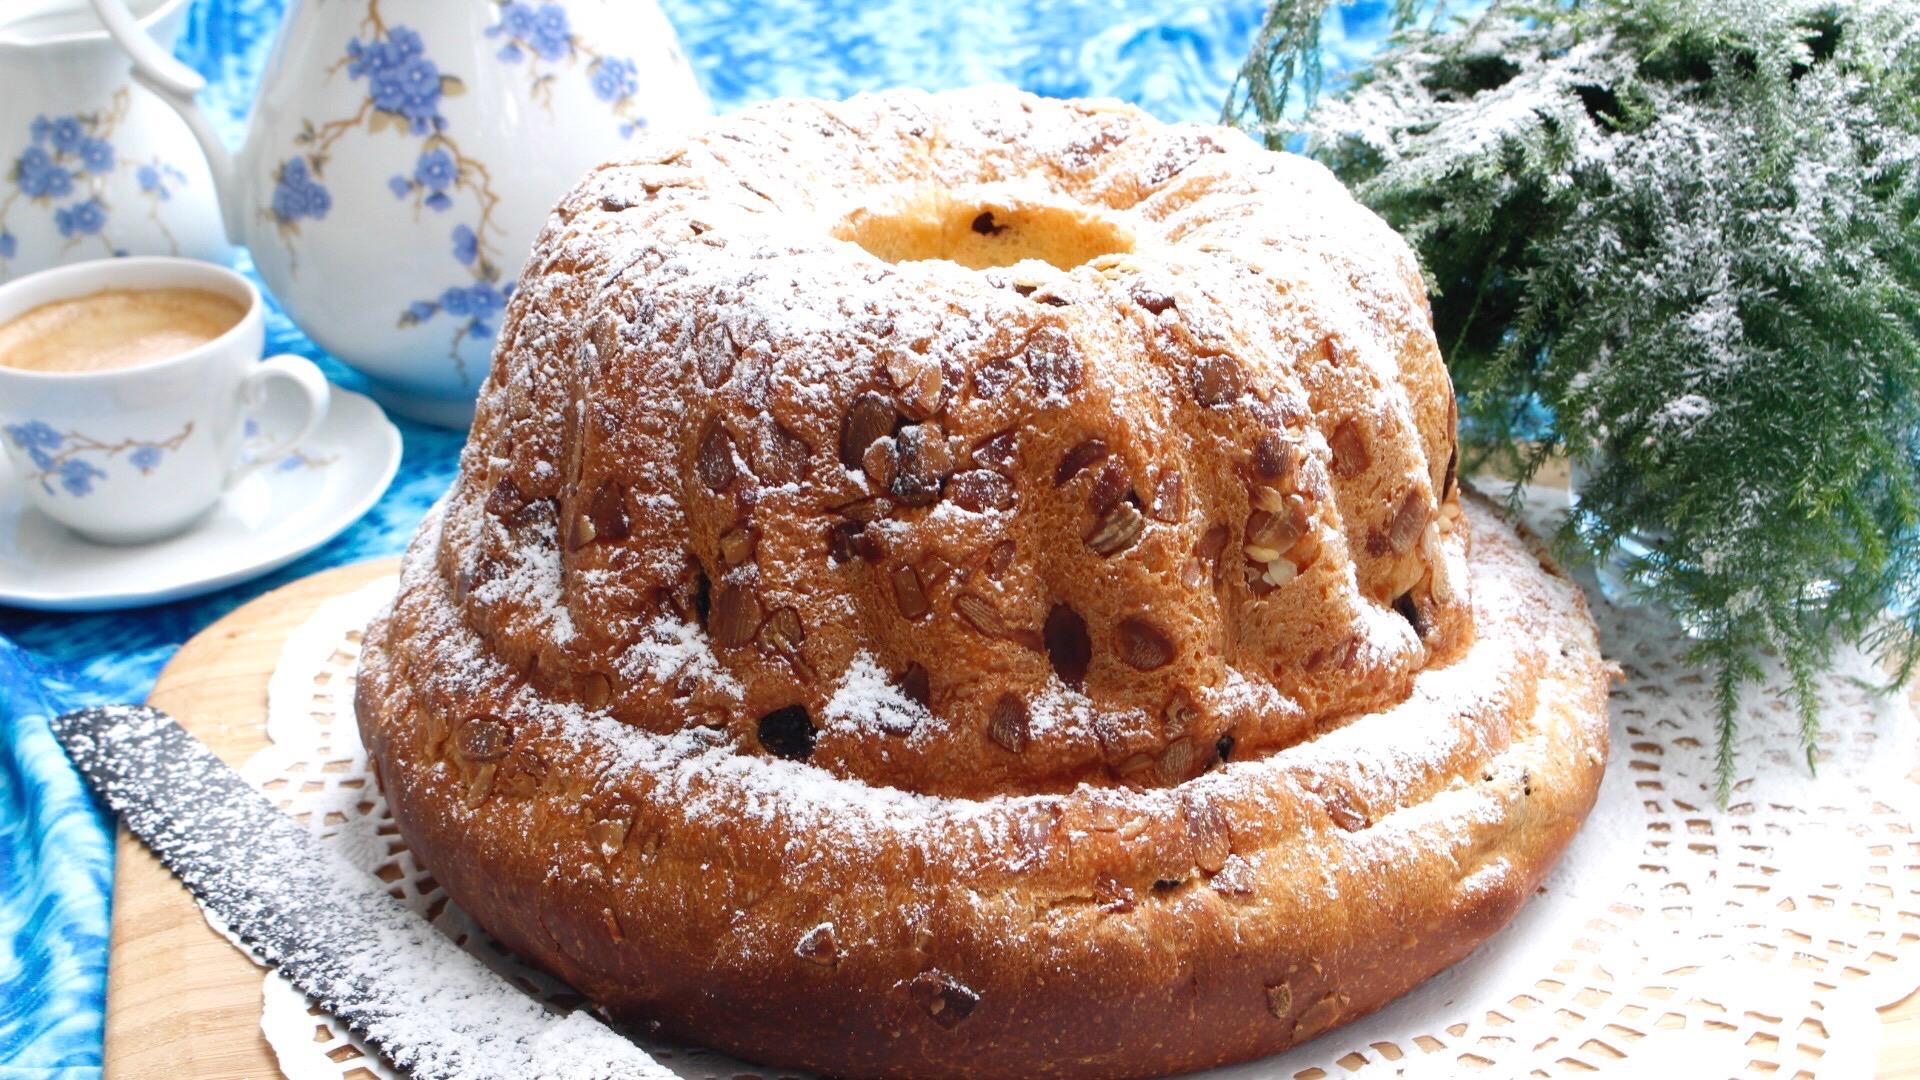 Kouglof ou kougelhopf recette alsacienne super aérien-brioche maison ,le kouglof